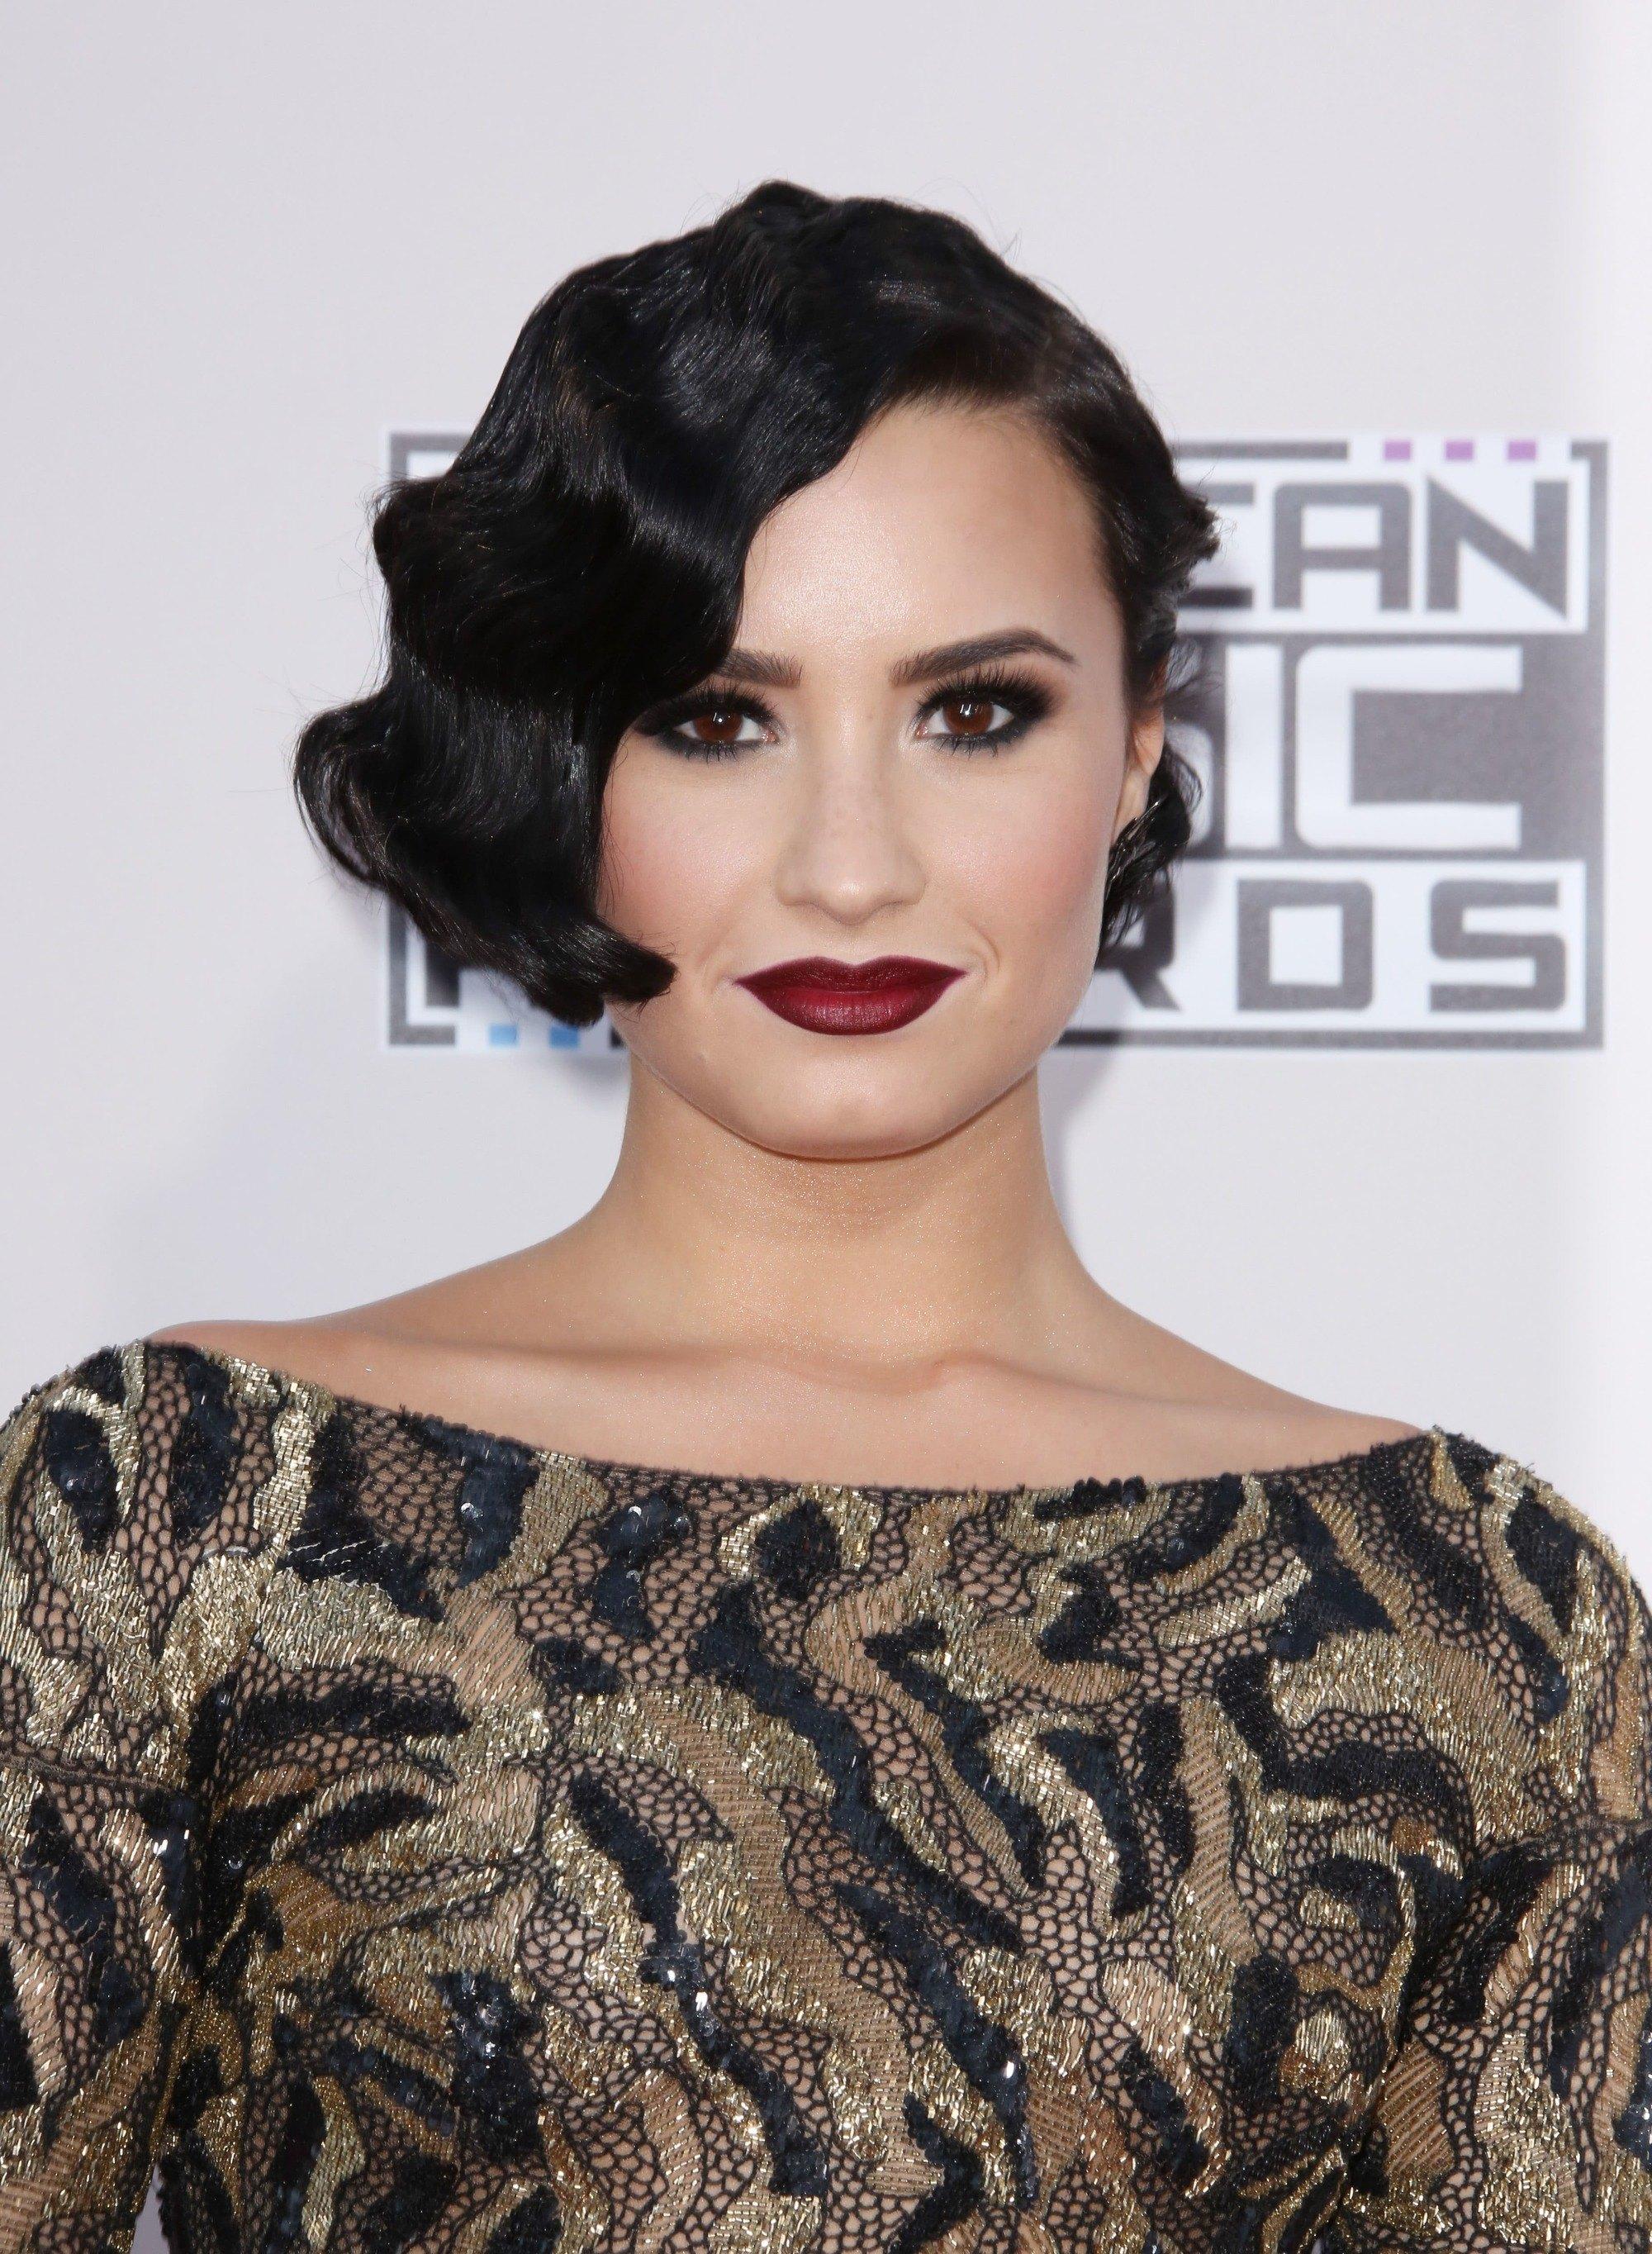 Cheveux courts vintage : Gros plan de Demi Lovato avec des cheveux courts brun foncé coiffés en un doigt ondulé sur le tapis rouge